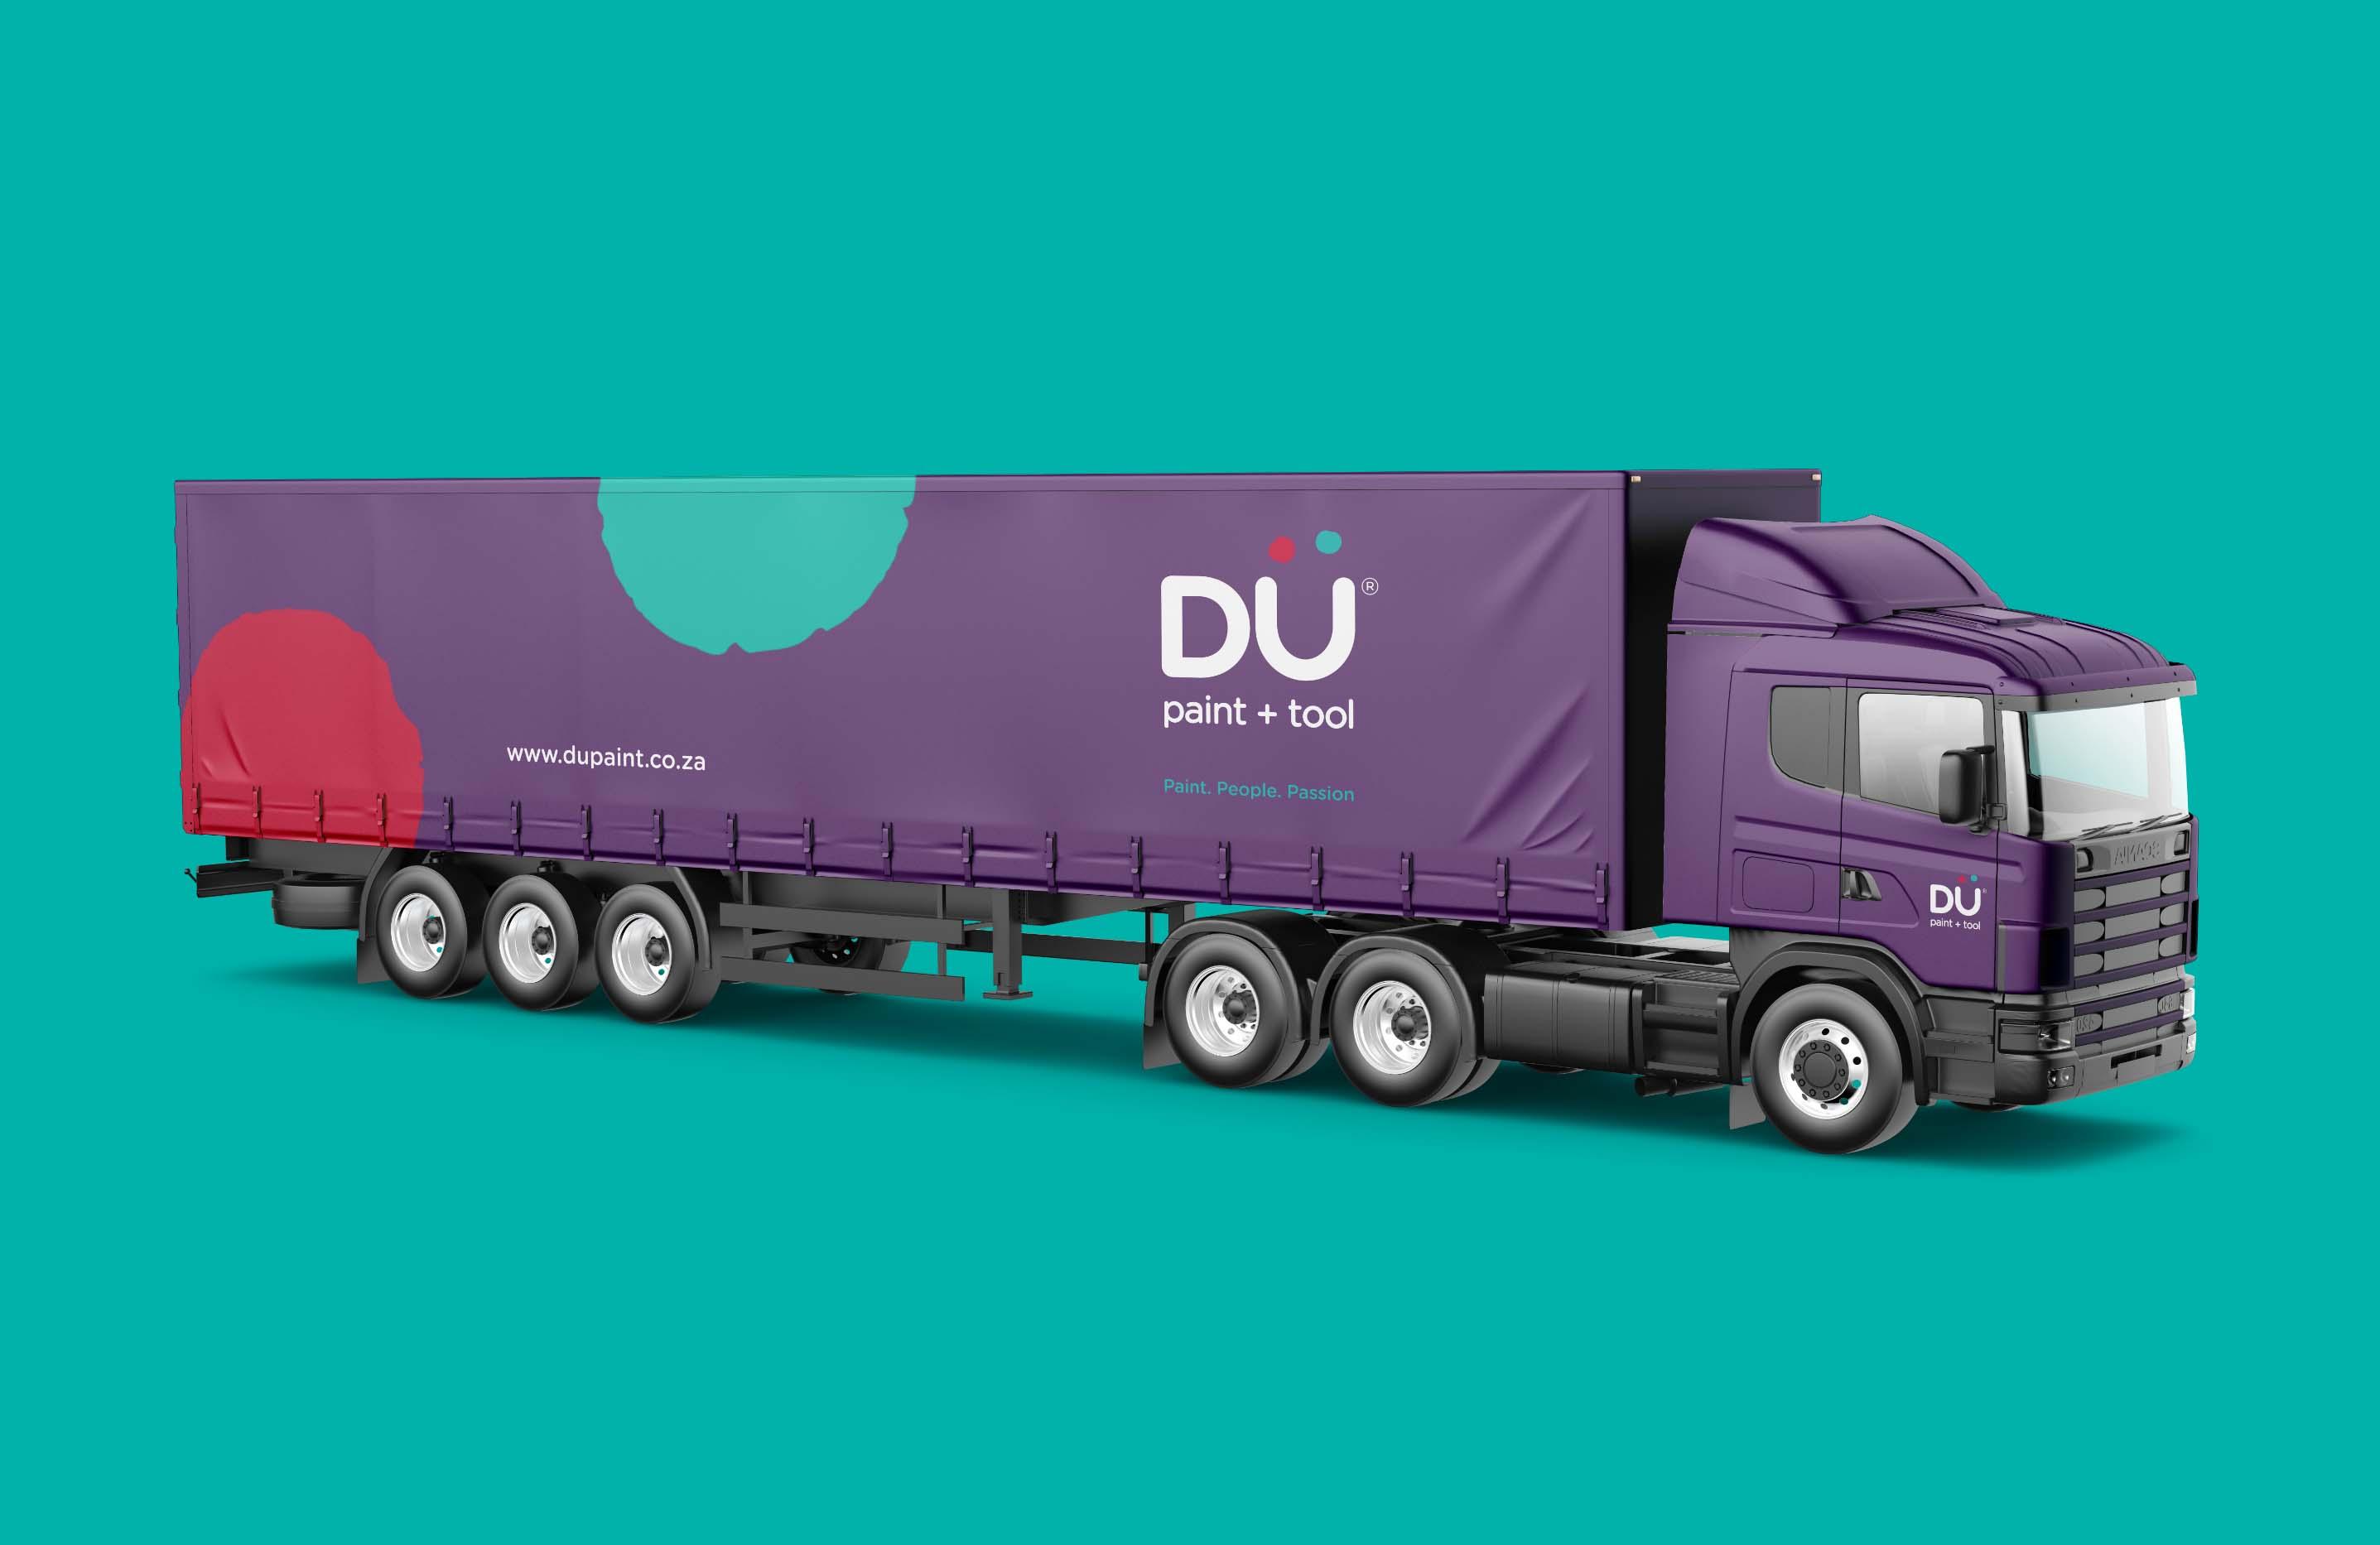 Creative Caterpillar client Dü Paint and Tool truck logo application